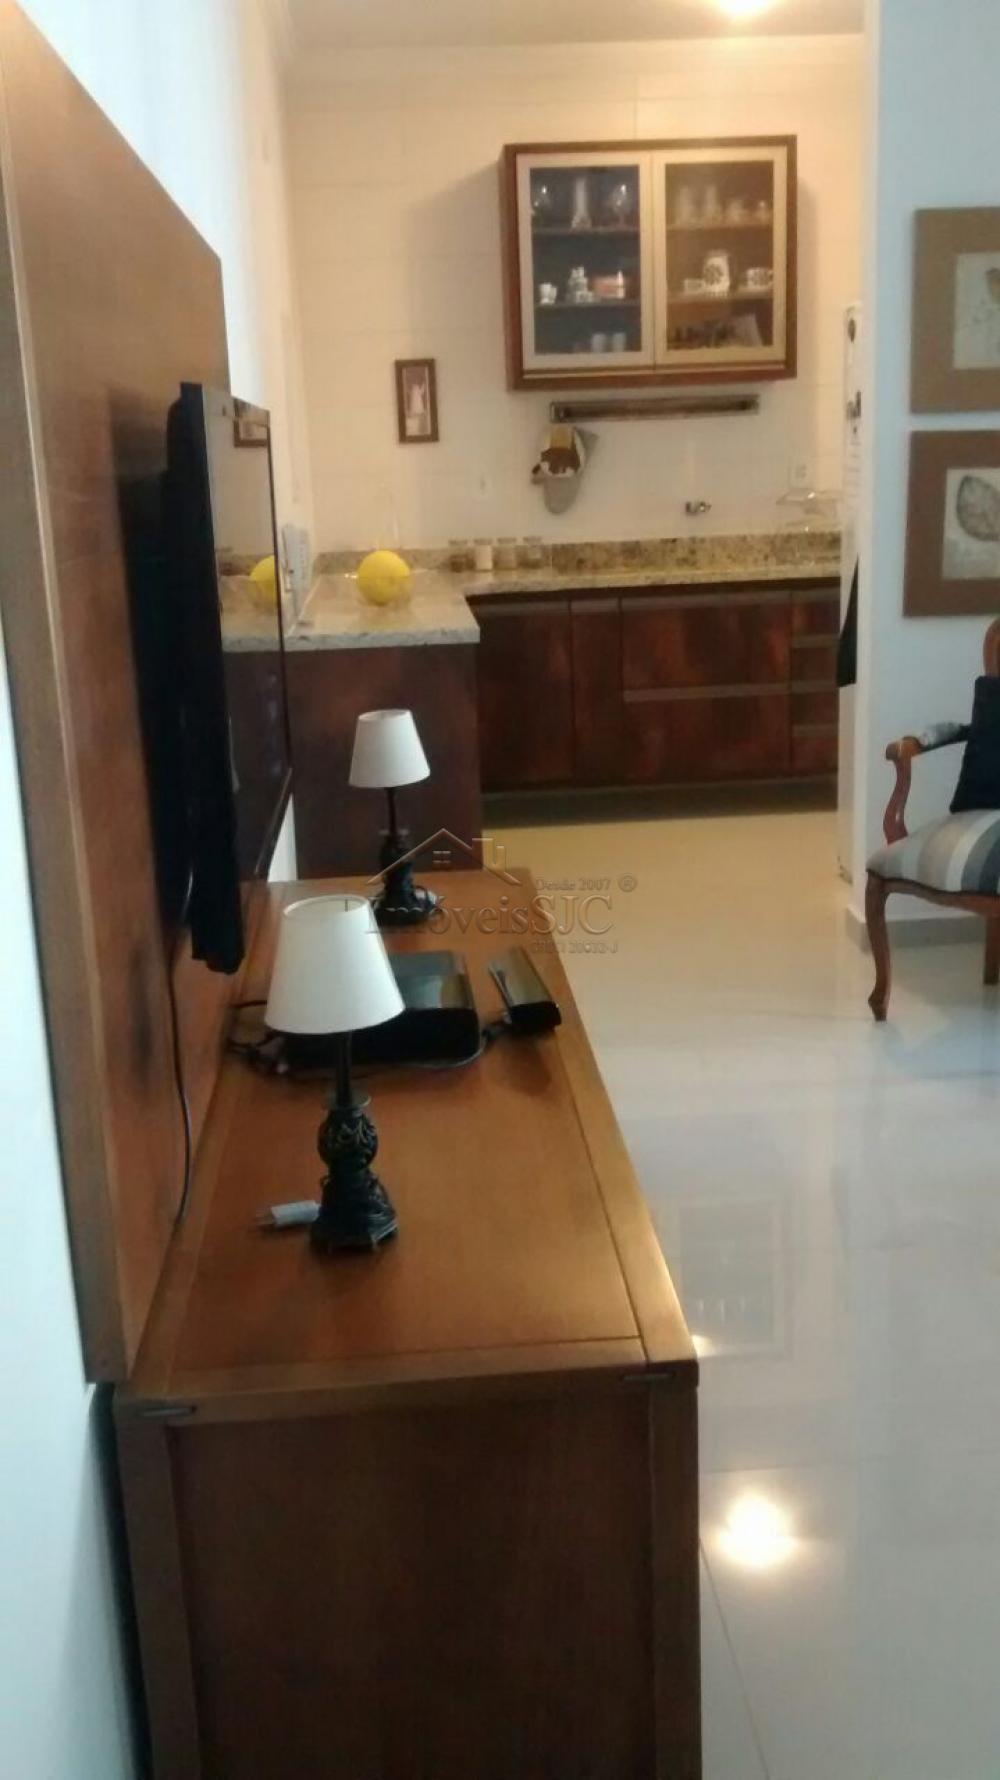 Comprar Apartamentos / Padrão em São José dos Campos apenas R$ 415.000,00 - Foto 2